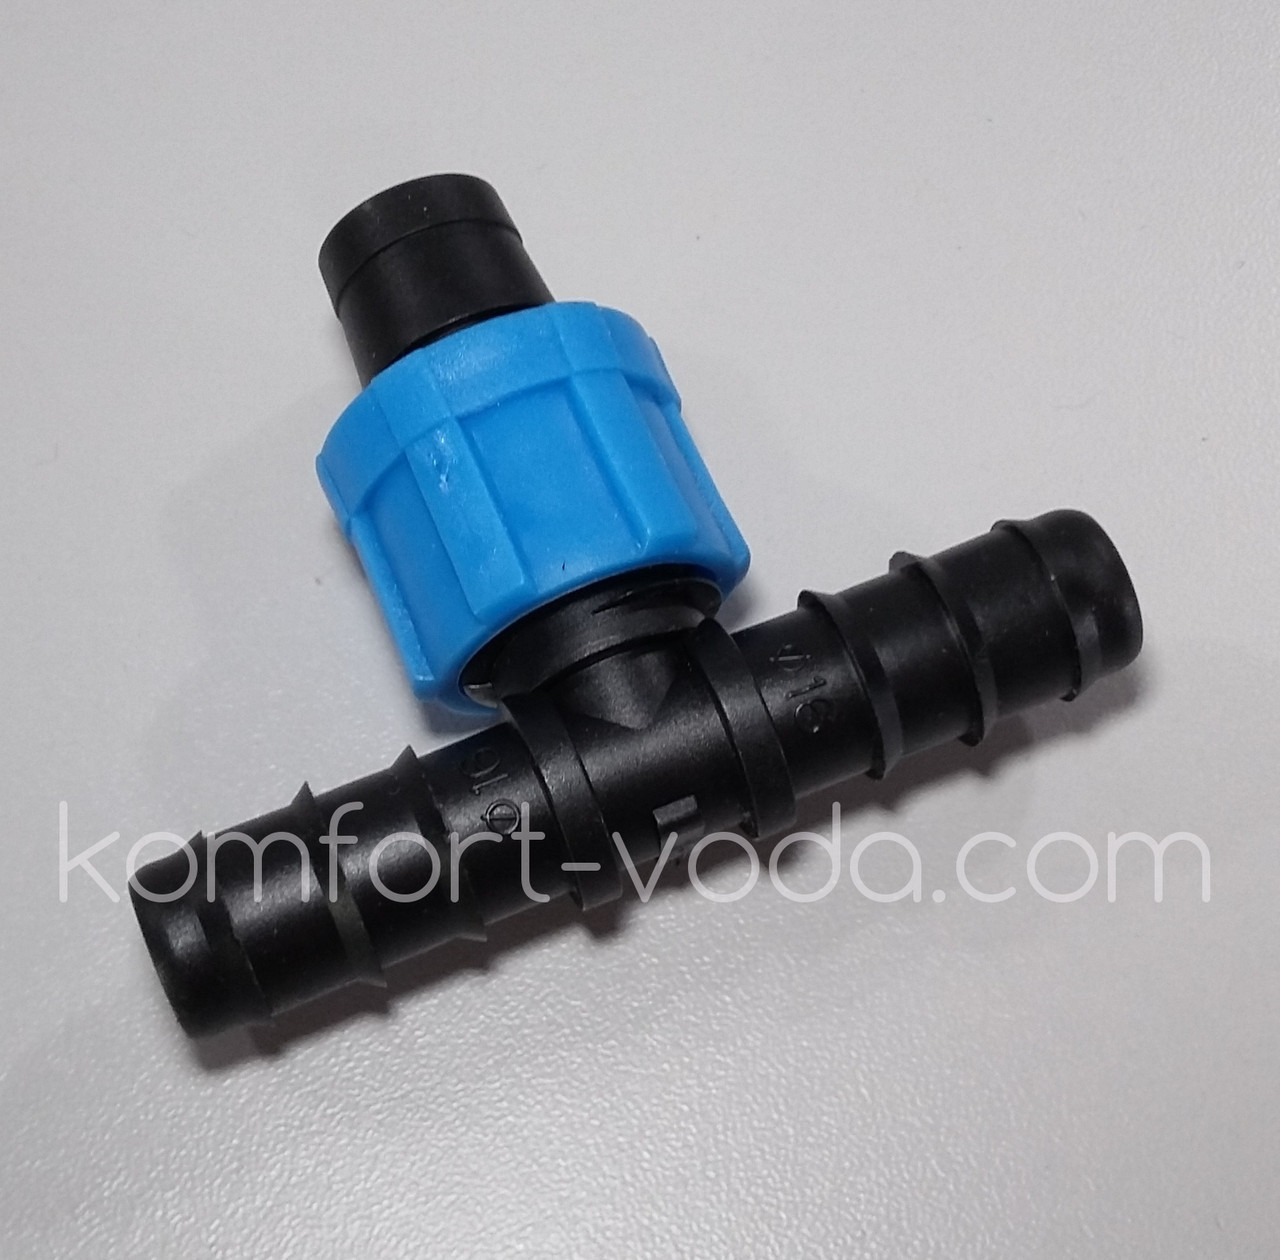 Тройник Presto-PS для капельной ленты и трубки 16мм (BT-021716)